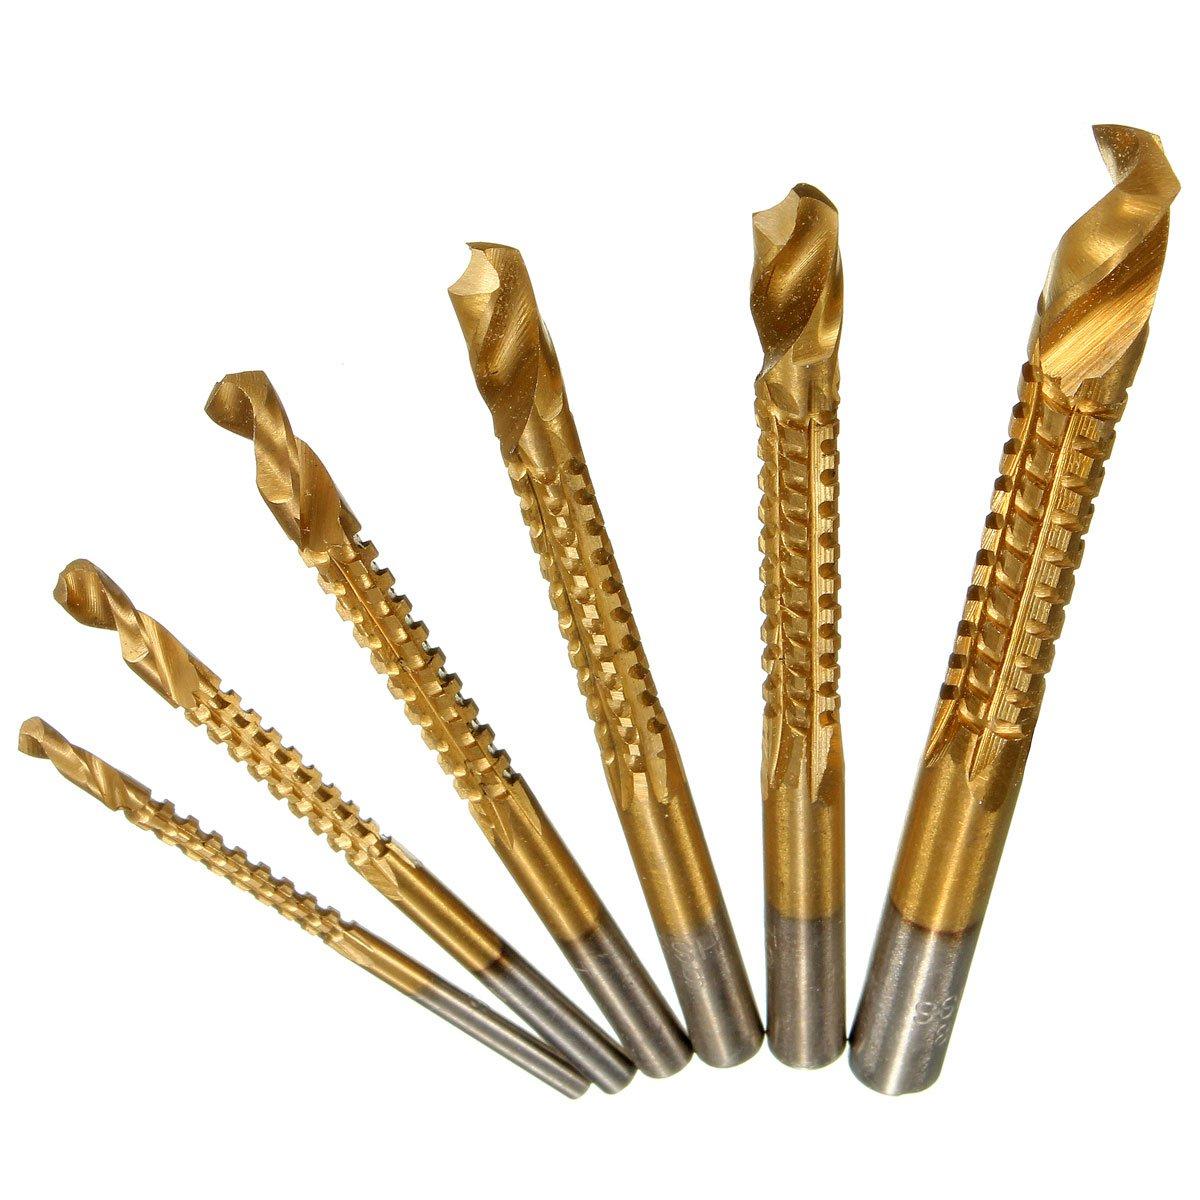 6Pcs Min Titanium Coated HSS High Speed Steel Drill Bit Set Tool Woodworking db